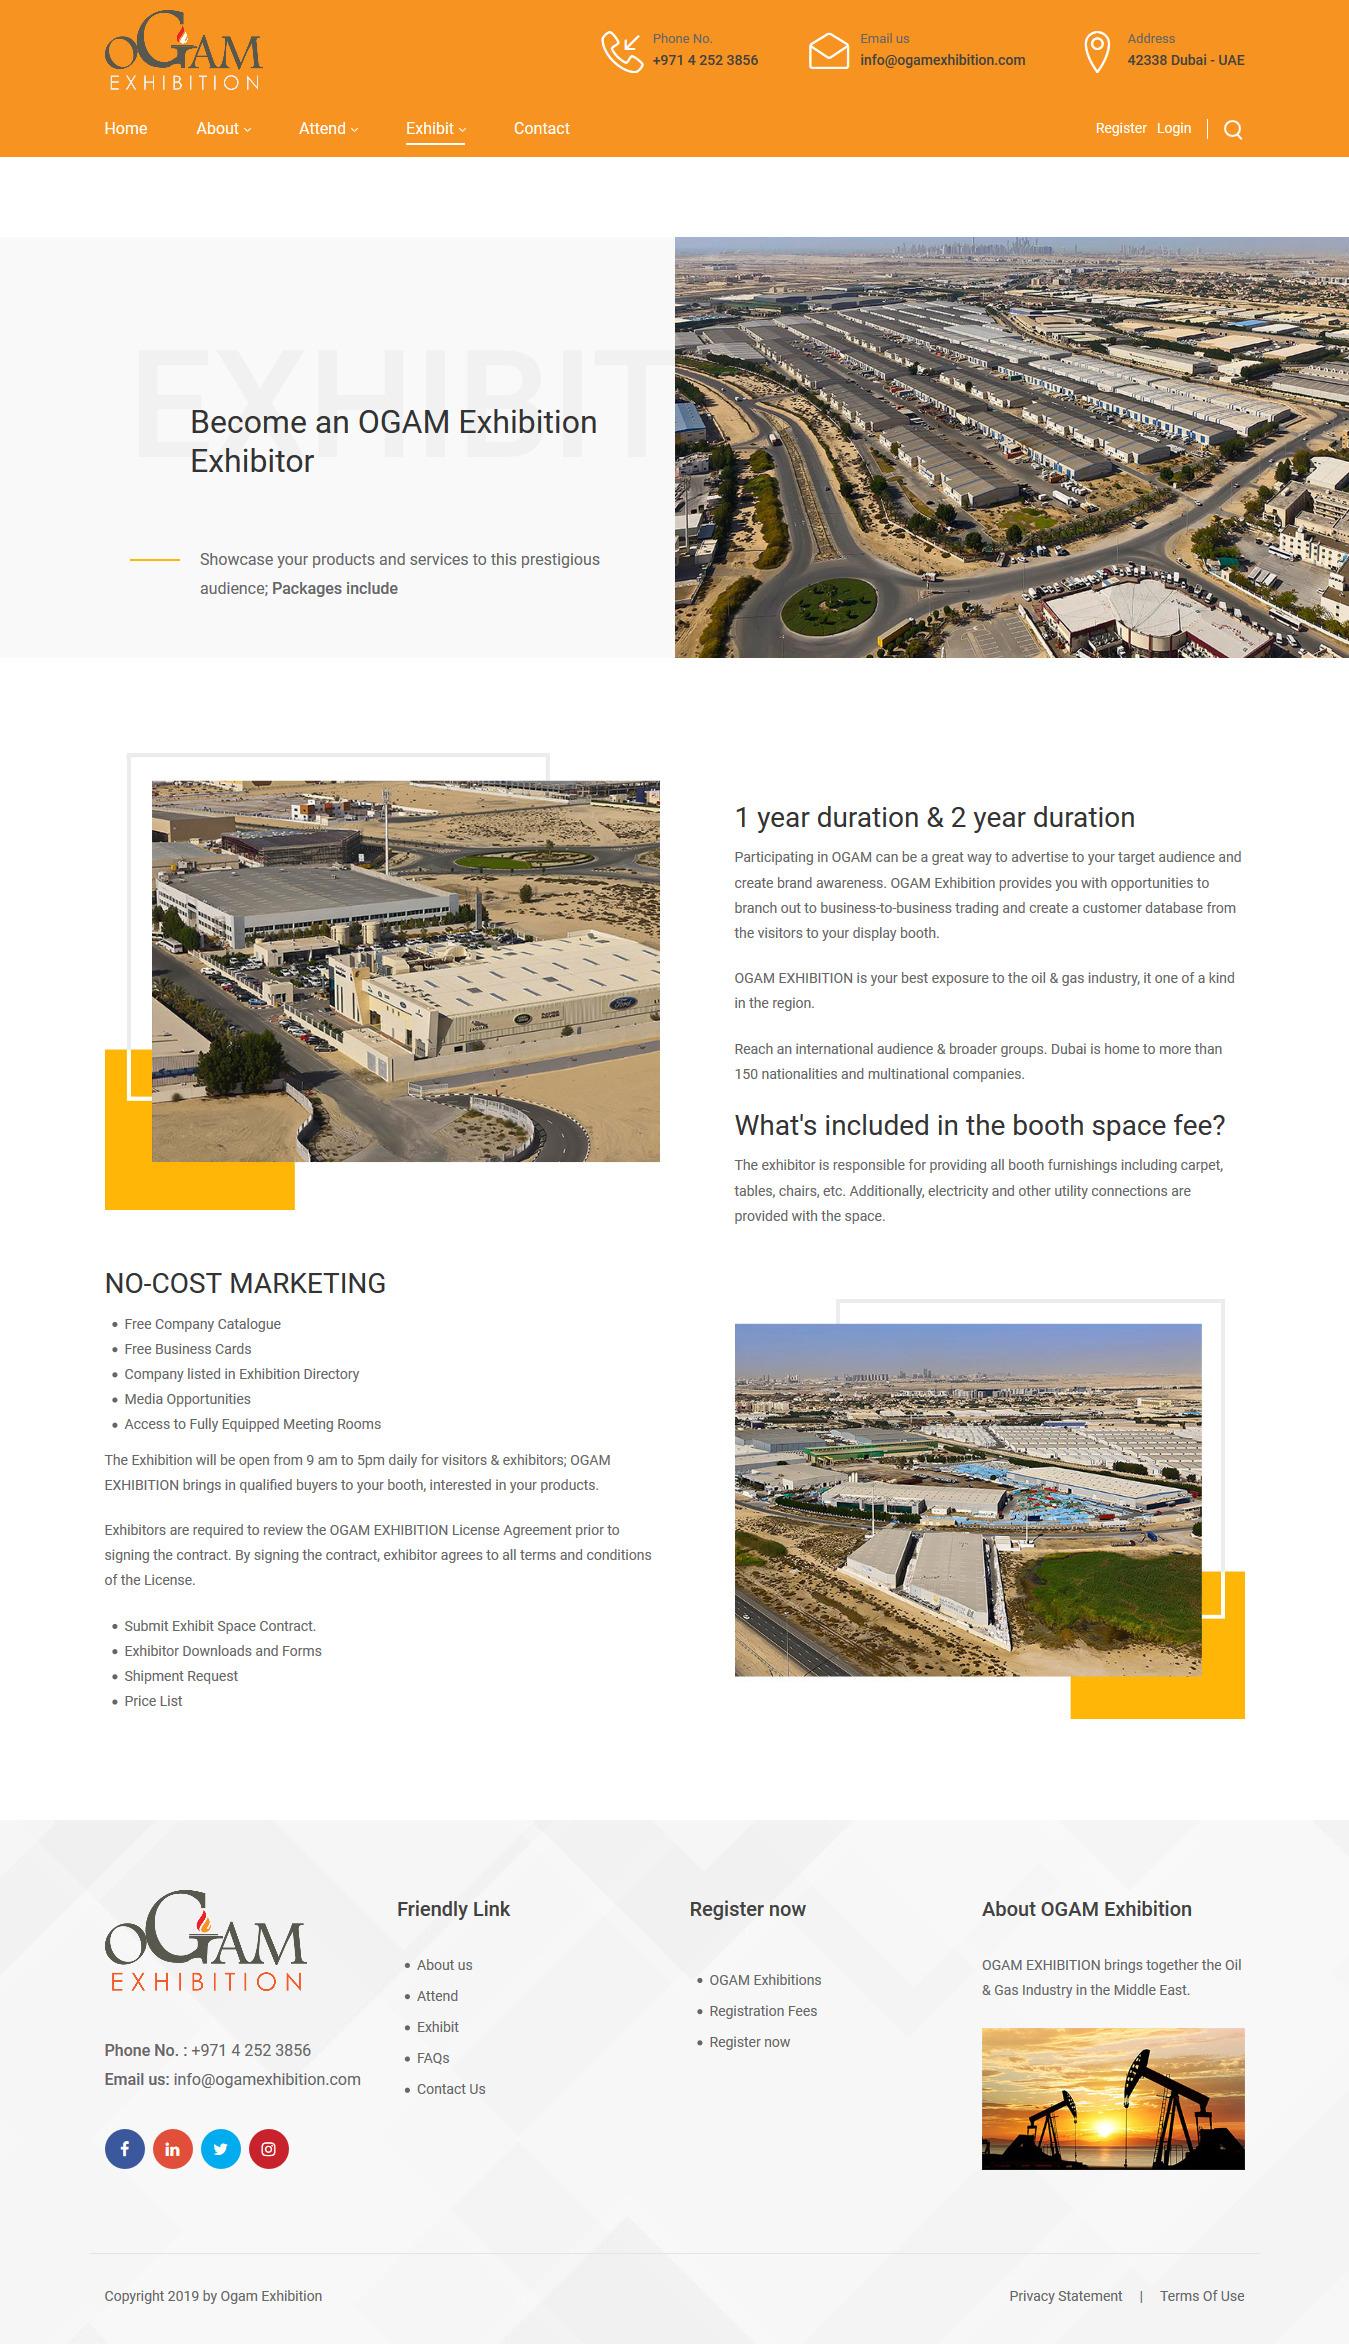 تصویری از صفحه معرفی مناطق صنعتی دوبی و نمایشگاه